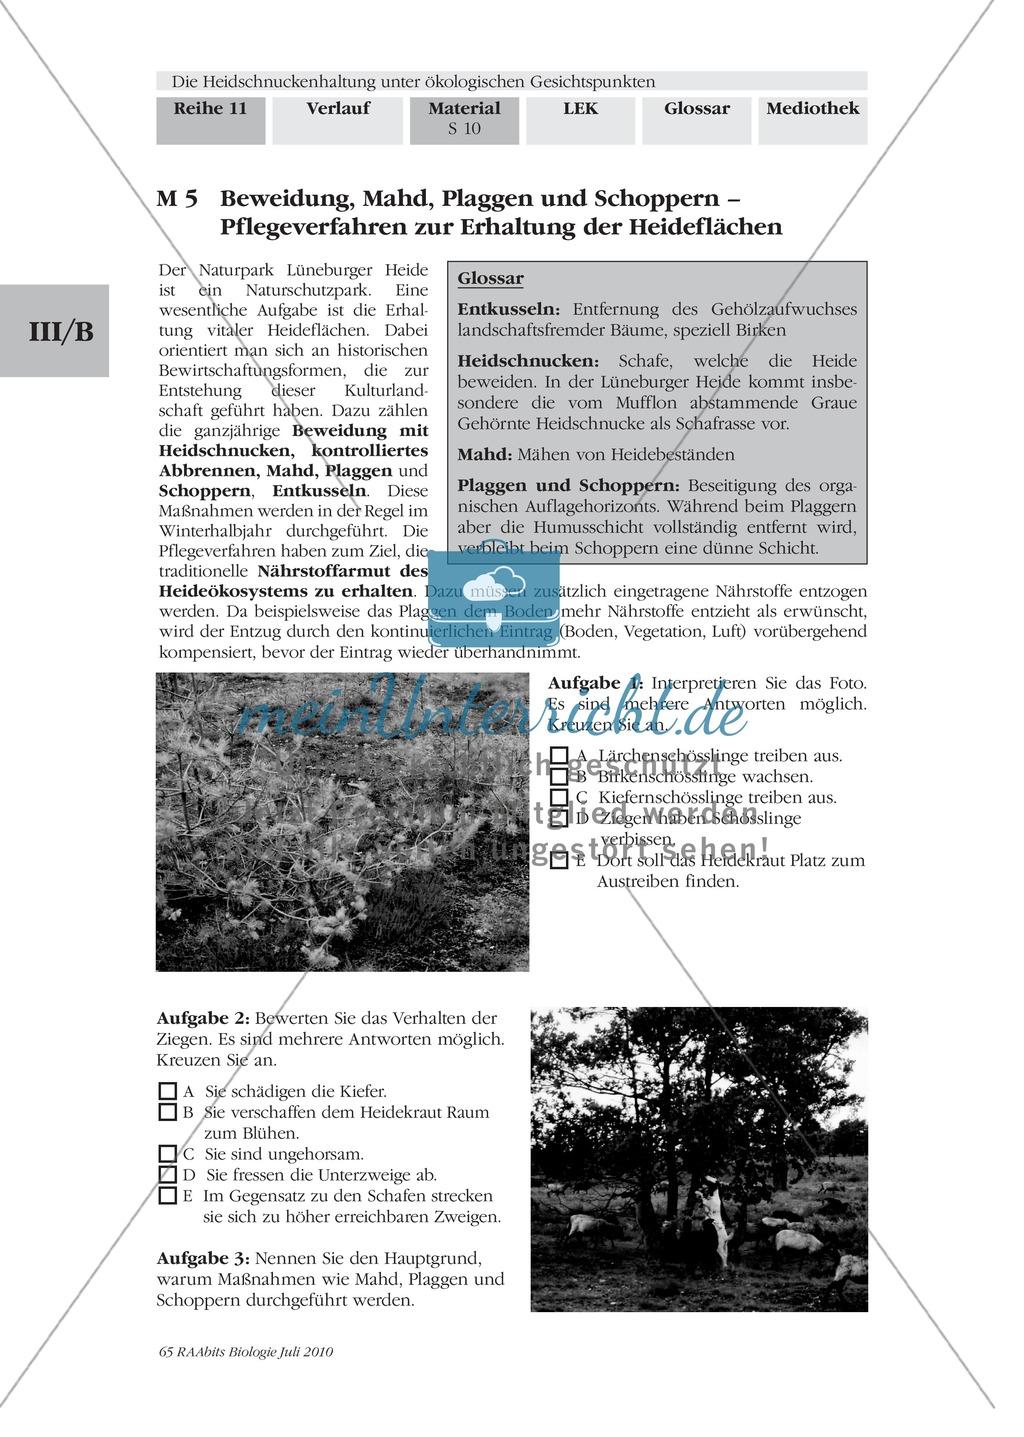 Das Ökosystem Heide und die Rolle der Heidschnucken bei der Beweidung Preview 2